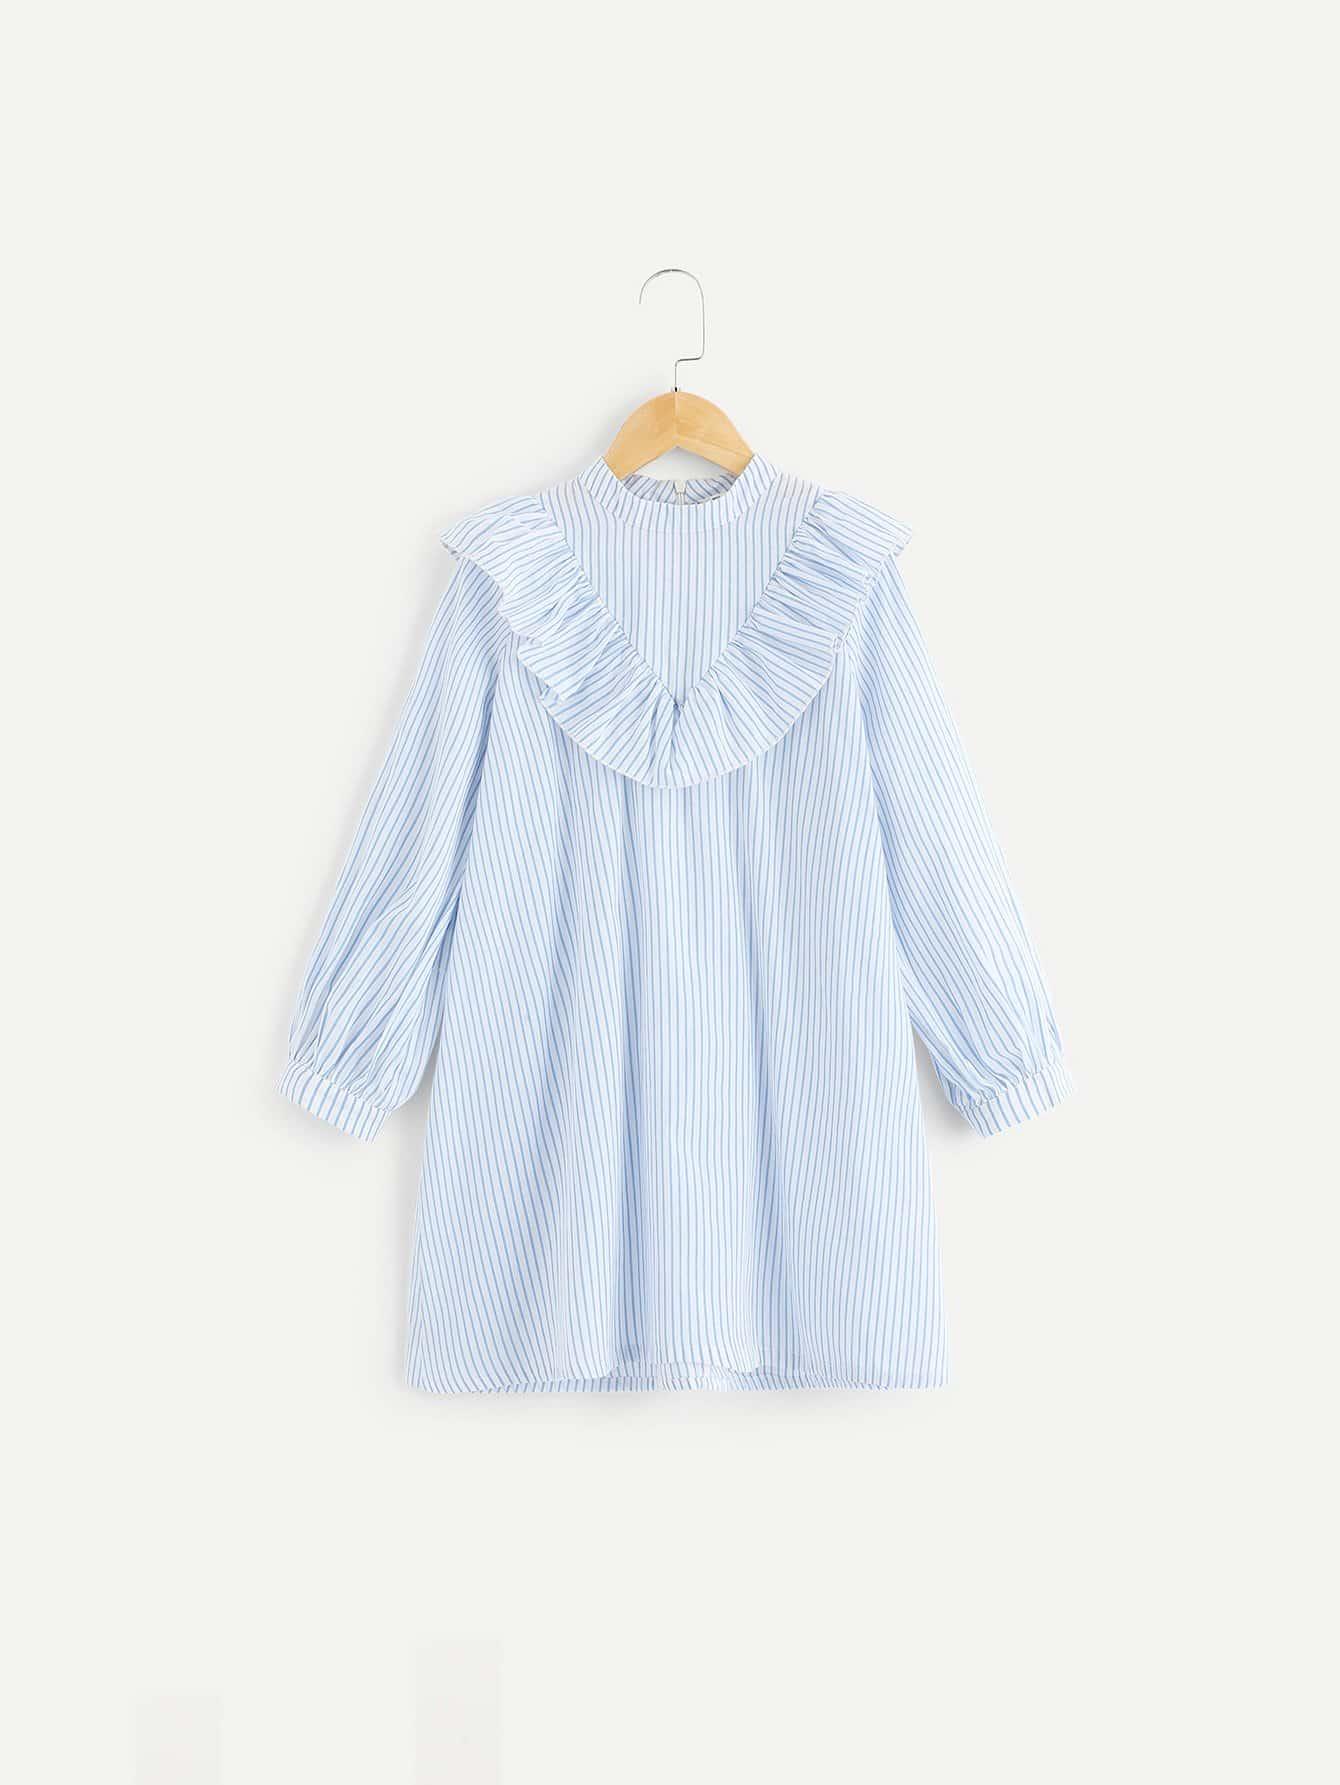 Купить Для девочек платье в полоску на молнии сзади с оборками, null, SheIn